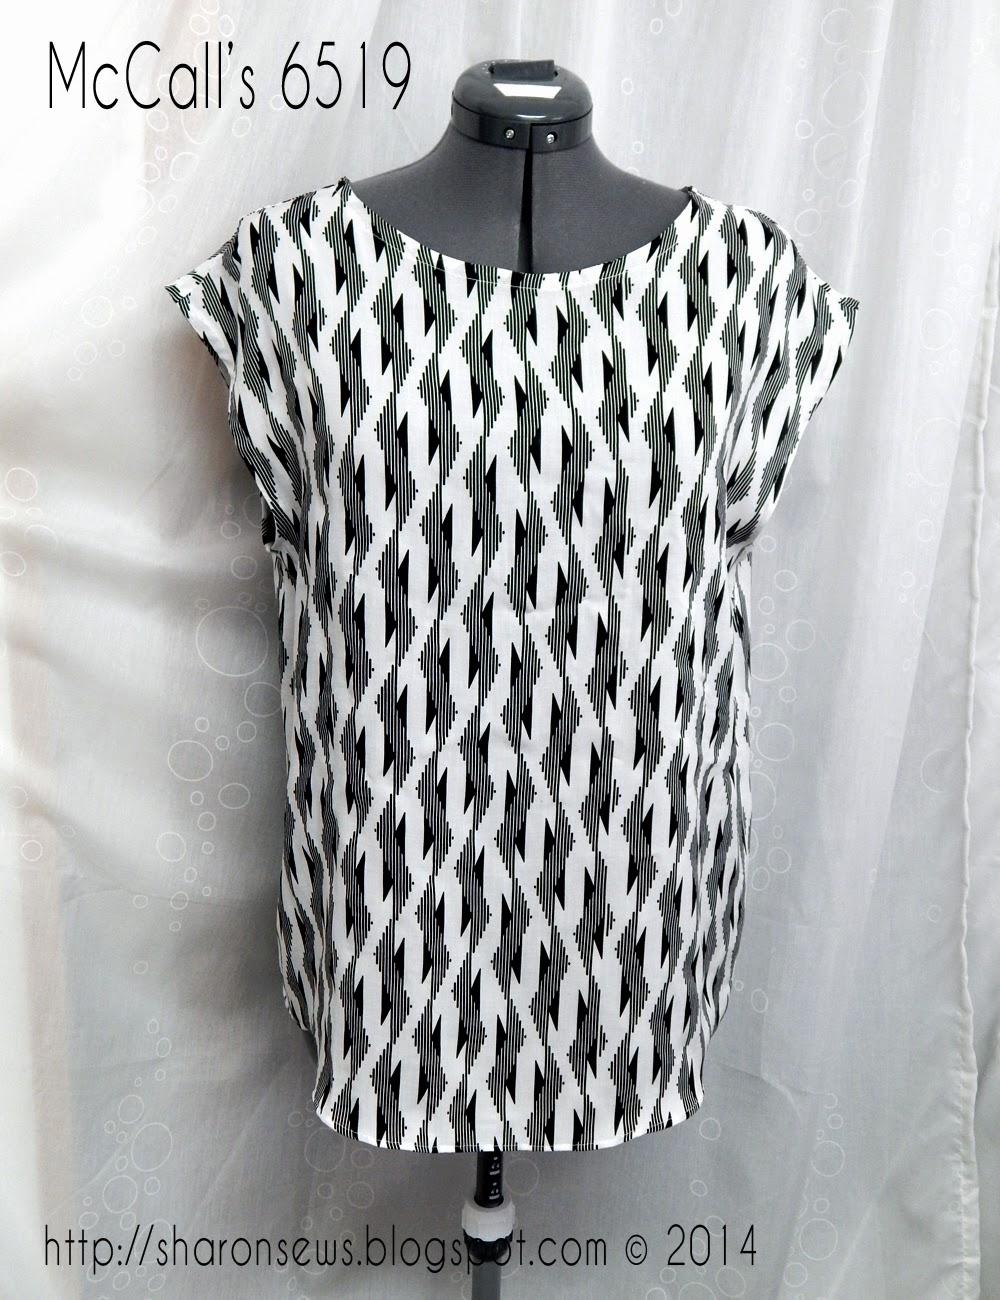 http://2.bp.blogspot.com/-kJAkTHU78jU/UySRmrazclI/AAAAAAAAJ8o/nYeuqah_jao/s1600/McCalls-6519-Top-Thakoon-Mood-Fabrics-Sharon-Sews.jpg